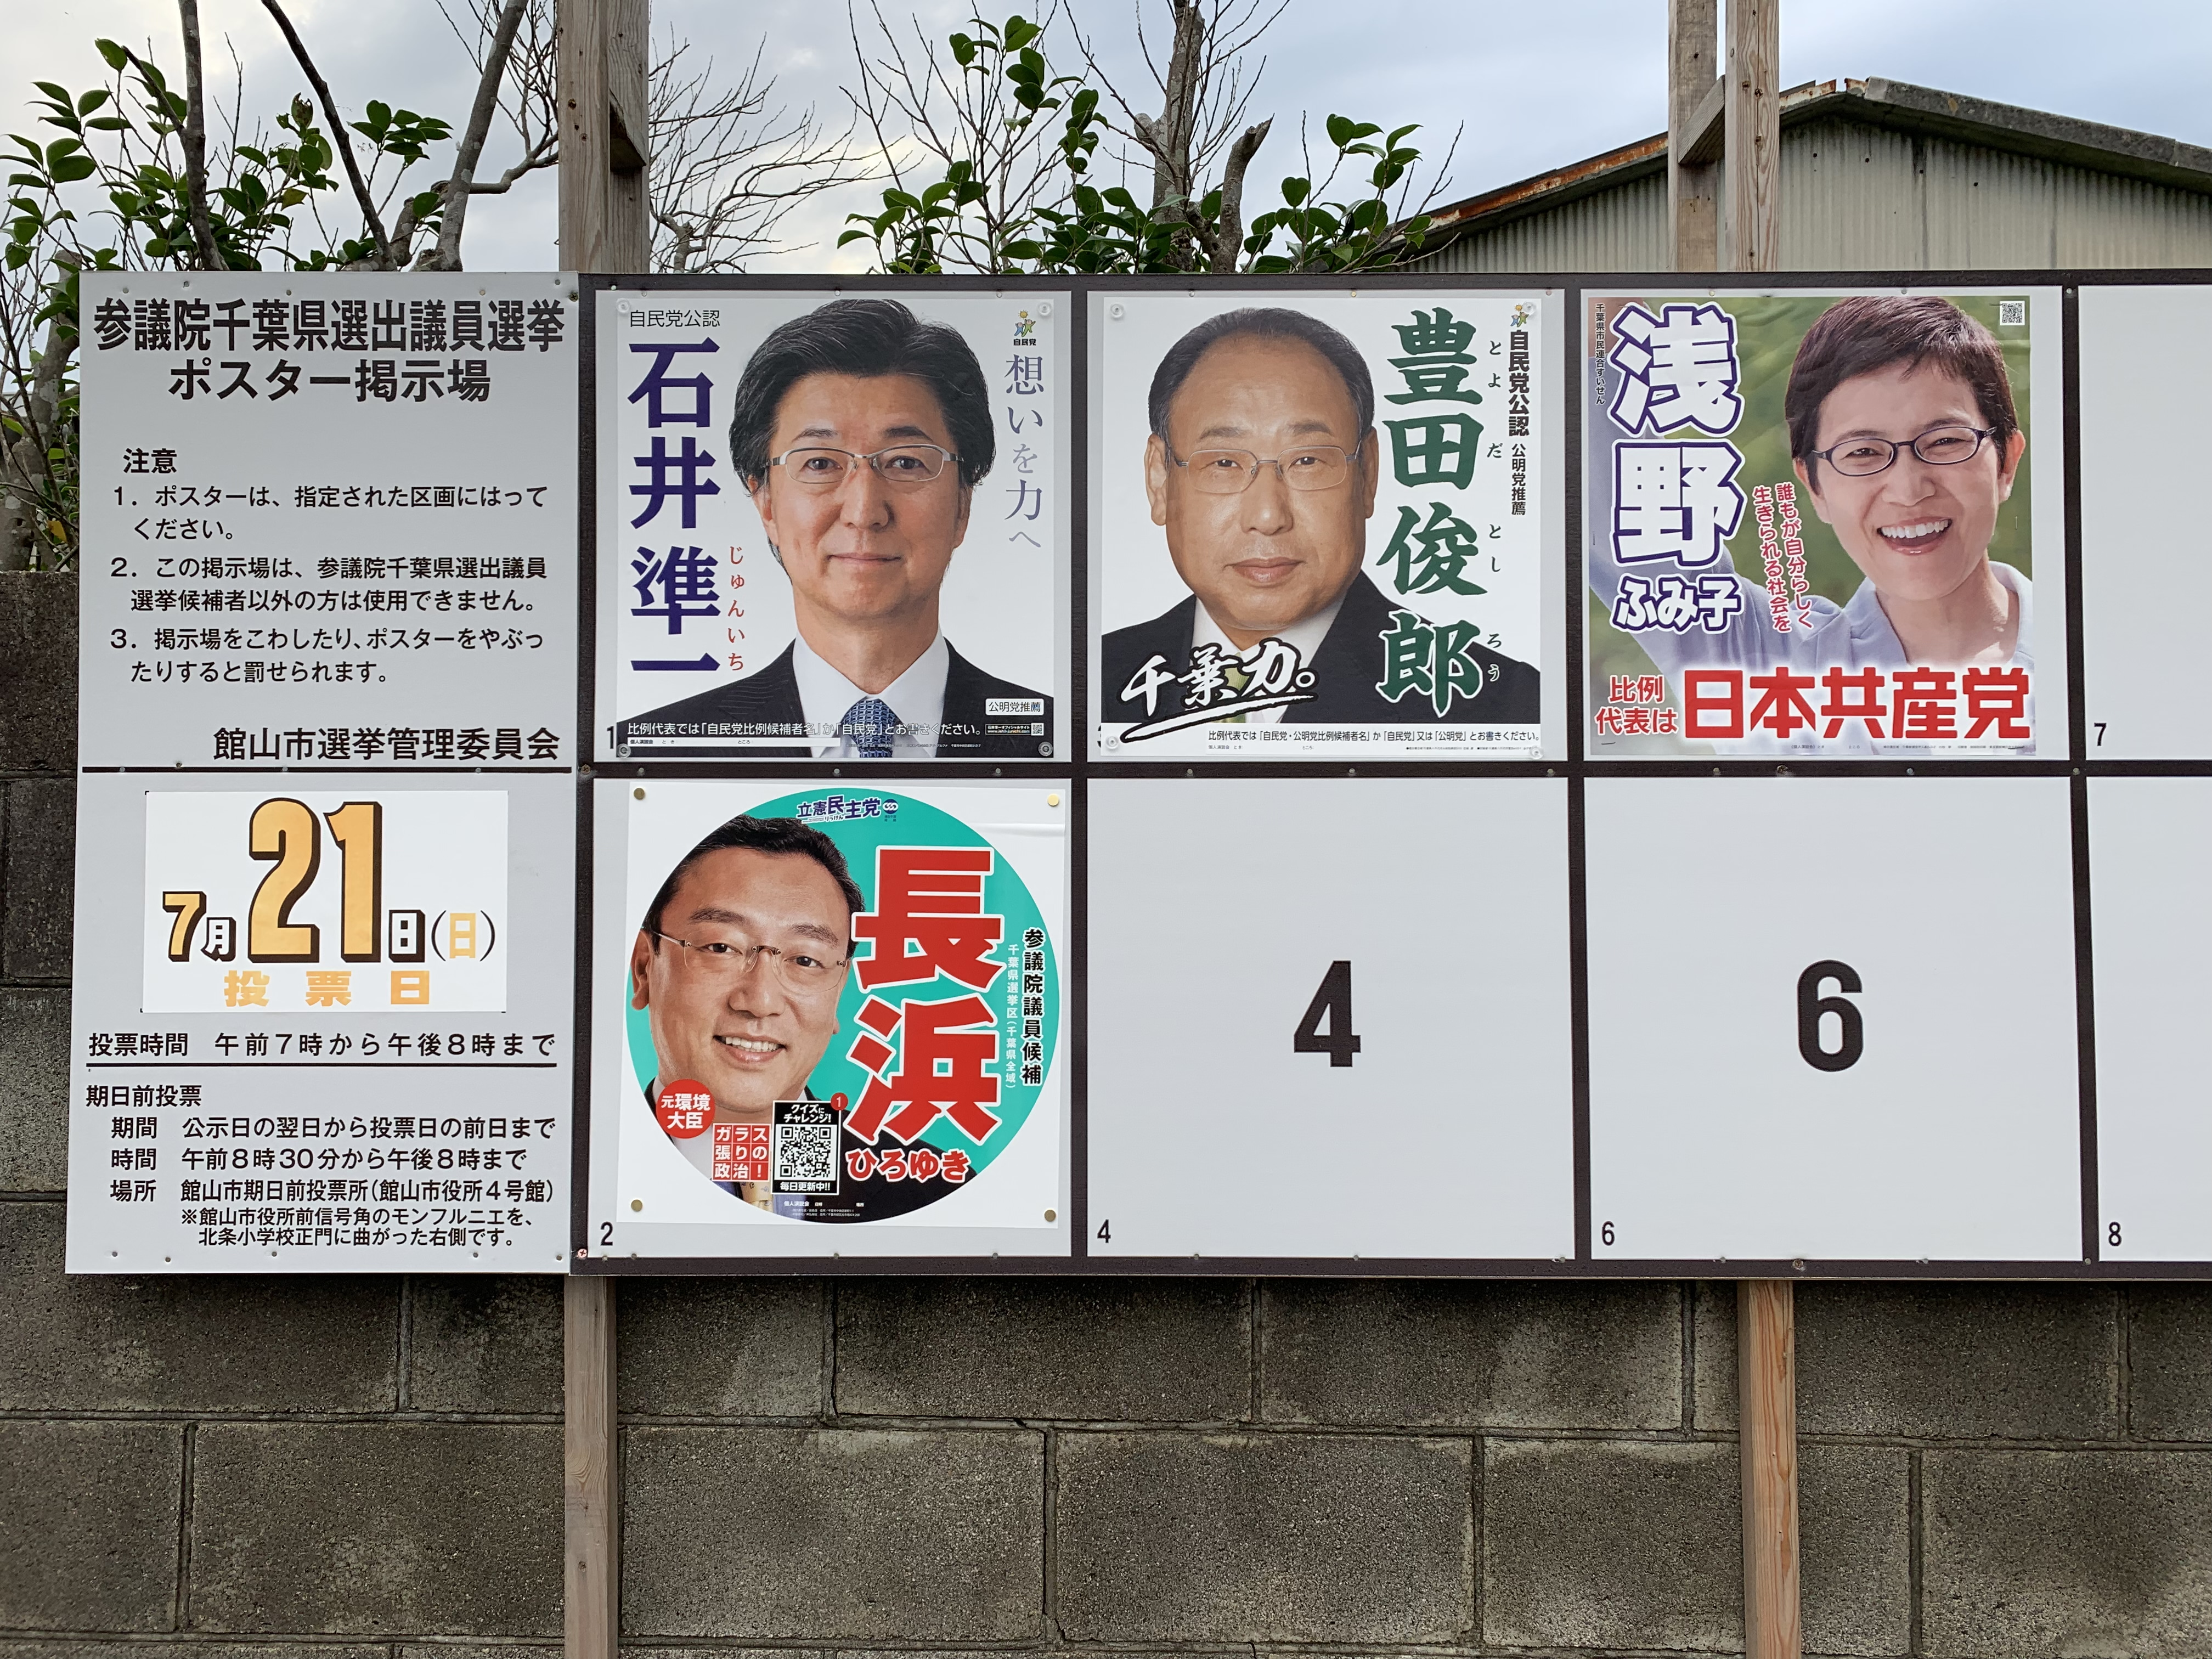 参議院 選挙 候補 者